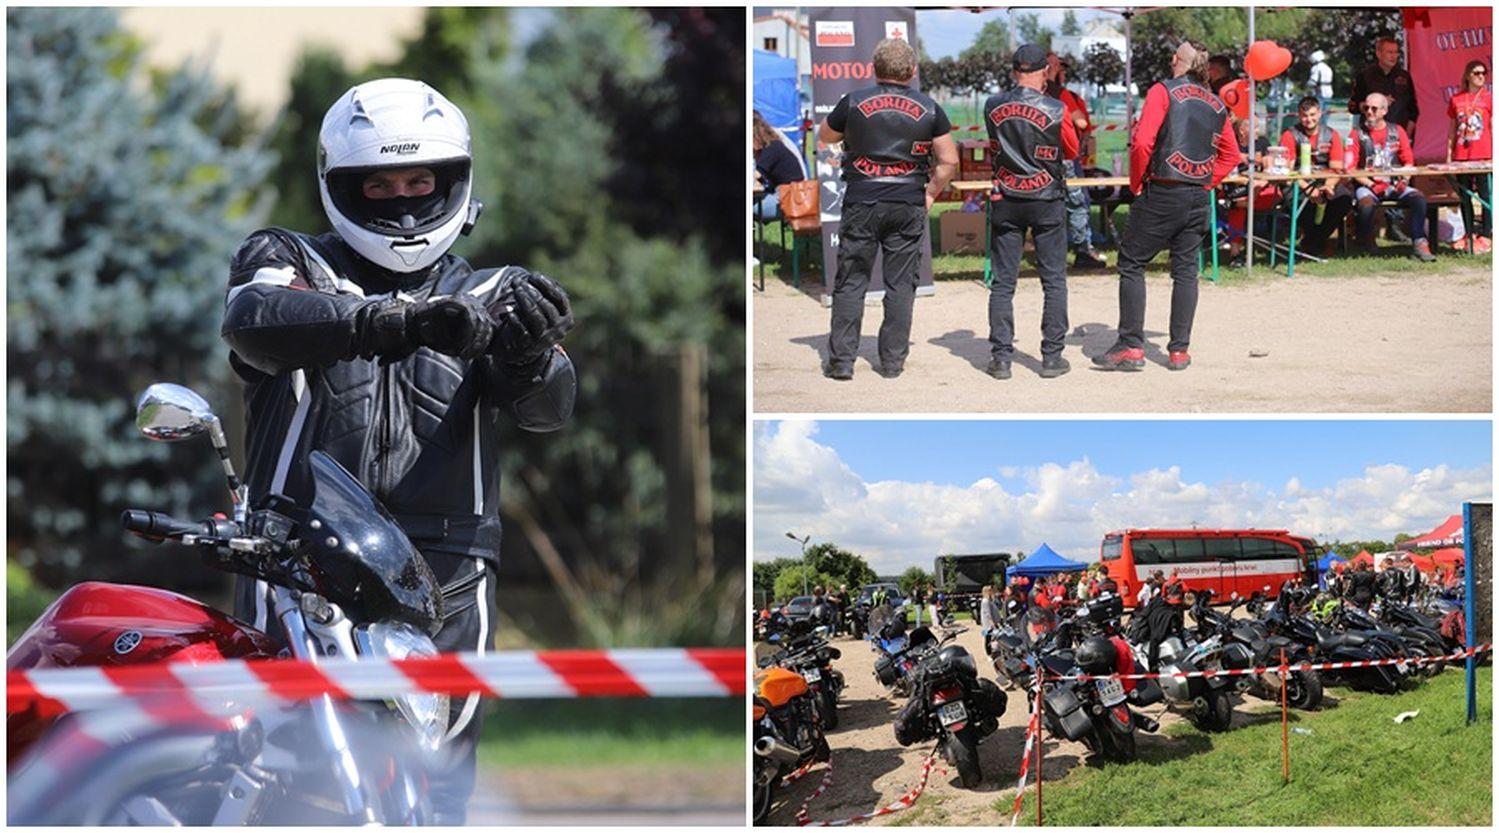 Dziesiątki motocyklistów pod Kutnem! Przyjechali tutaj w szczytnym celu [ZDJĘCIA] - Zdjęcie główne